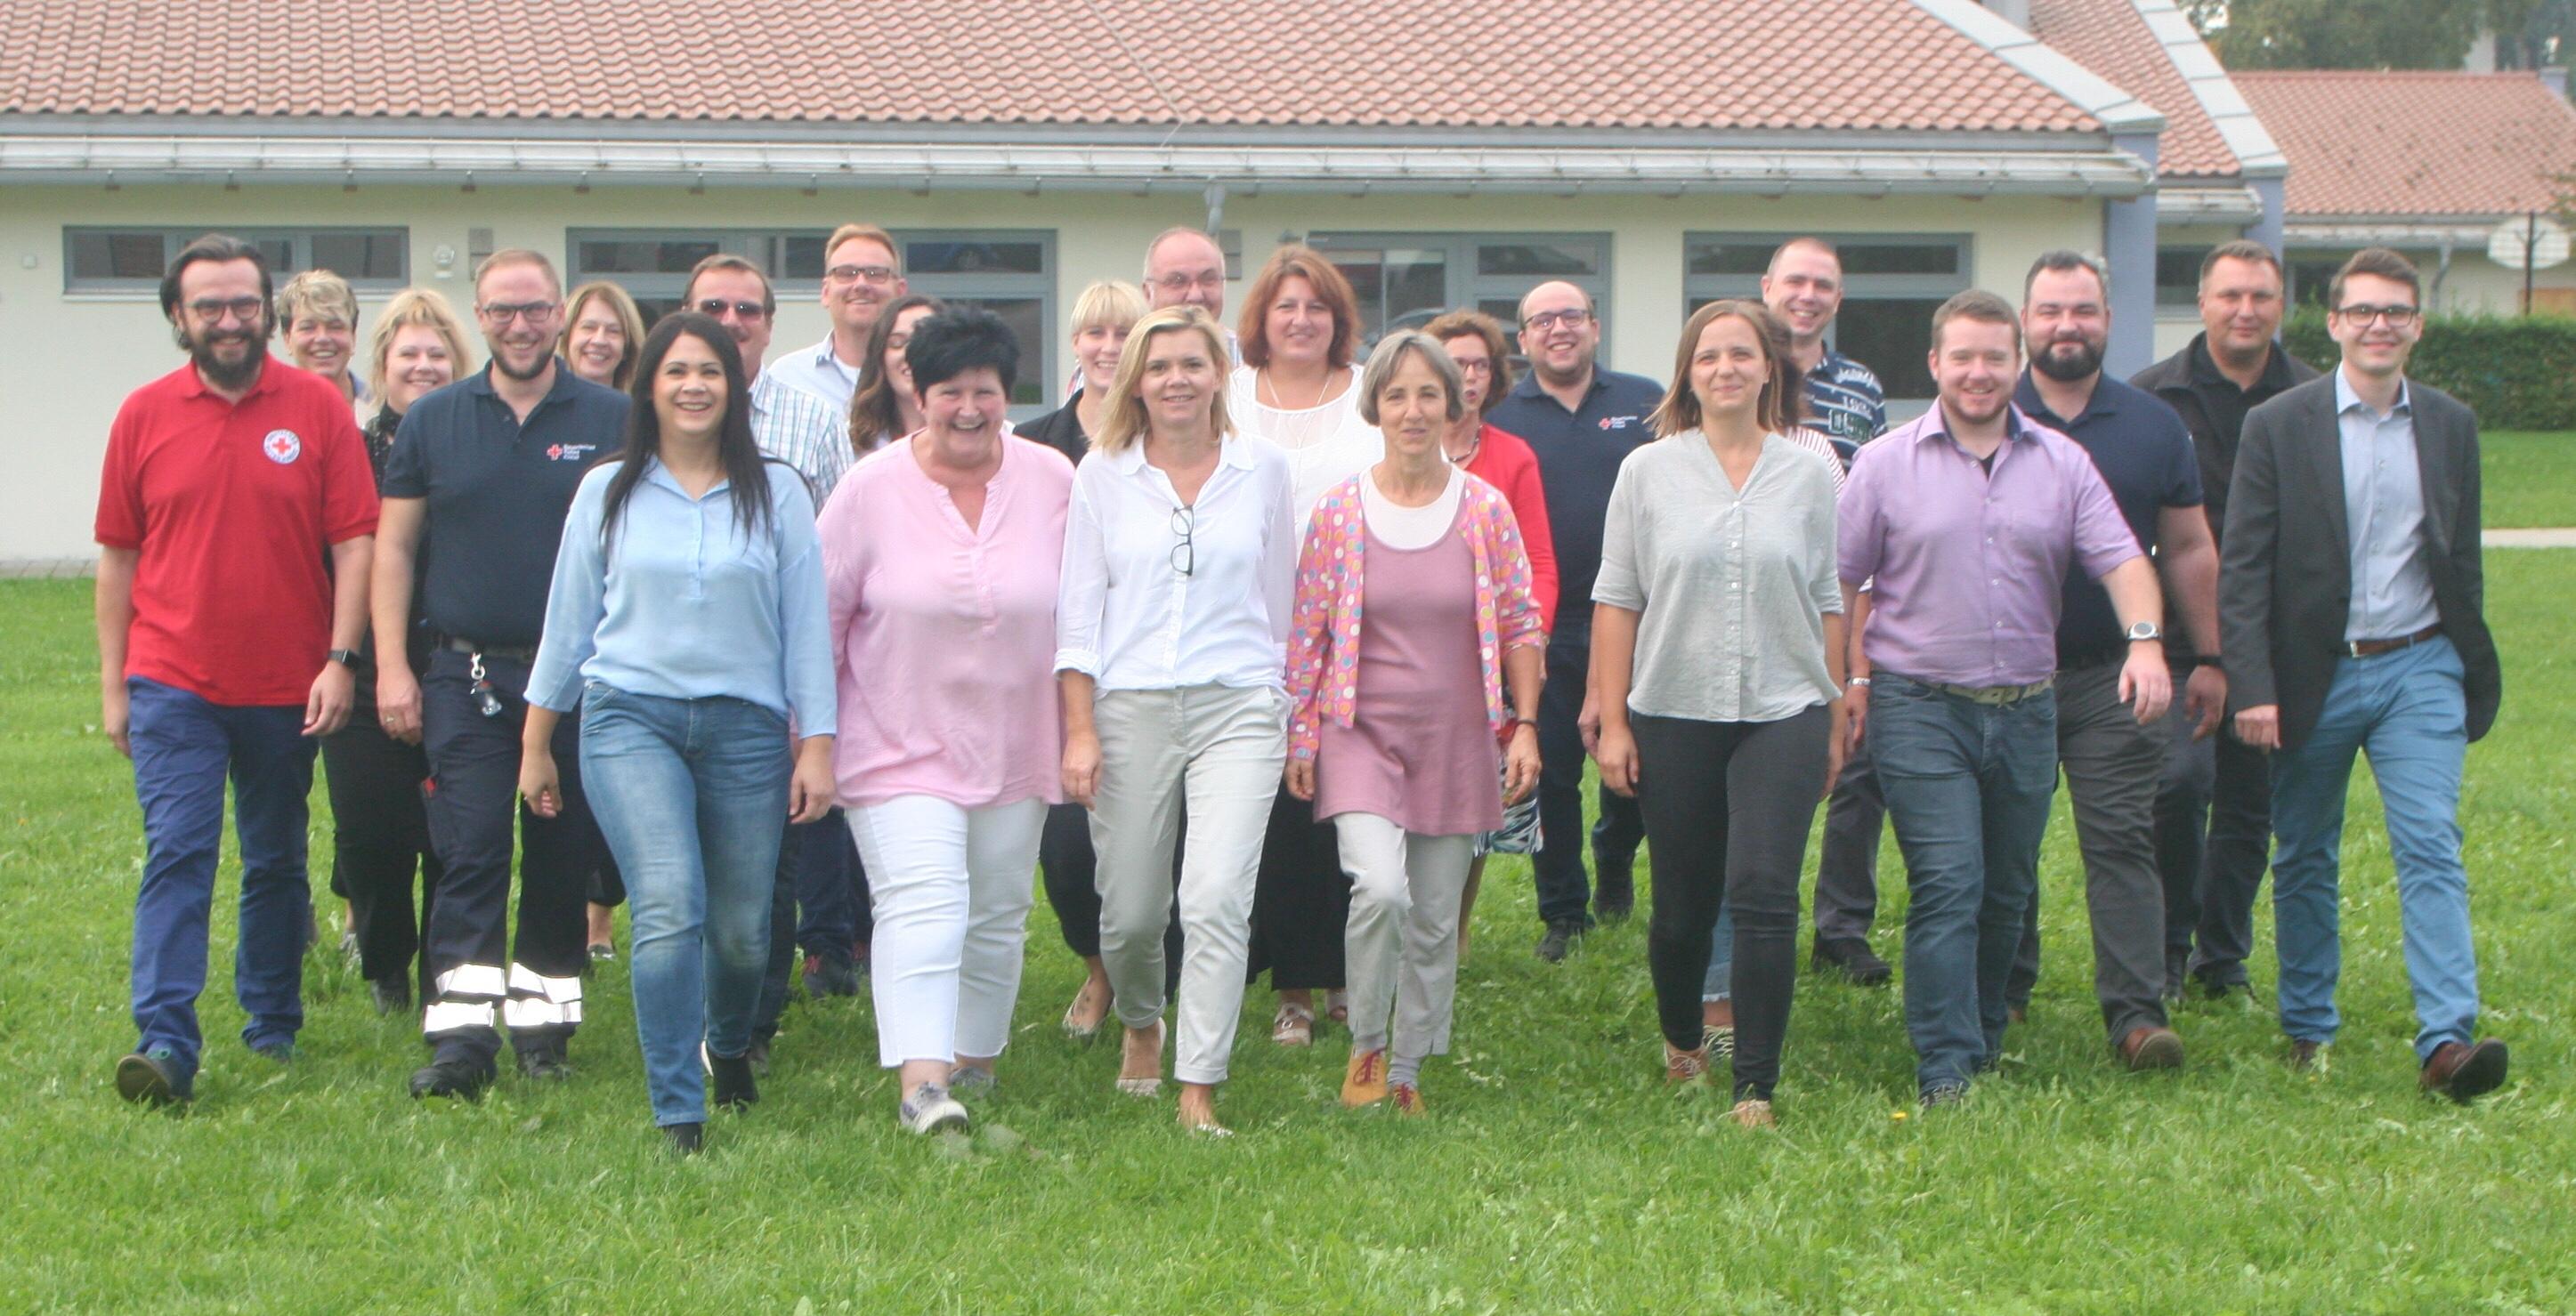 Der BRK-Kreisgeschäftsführer Paul Polyfka (links außen) mit den Führungskräften des BRK Kreisverbandes Dachau